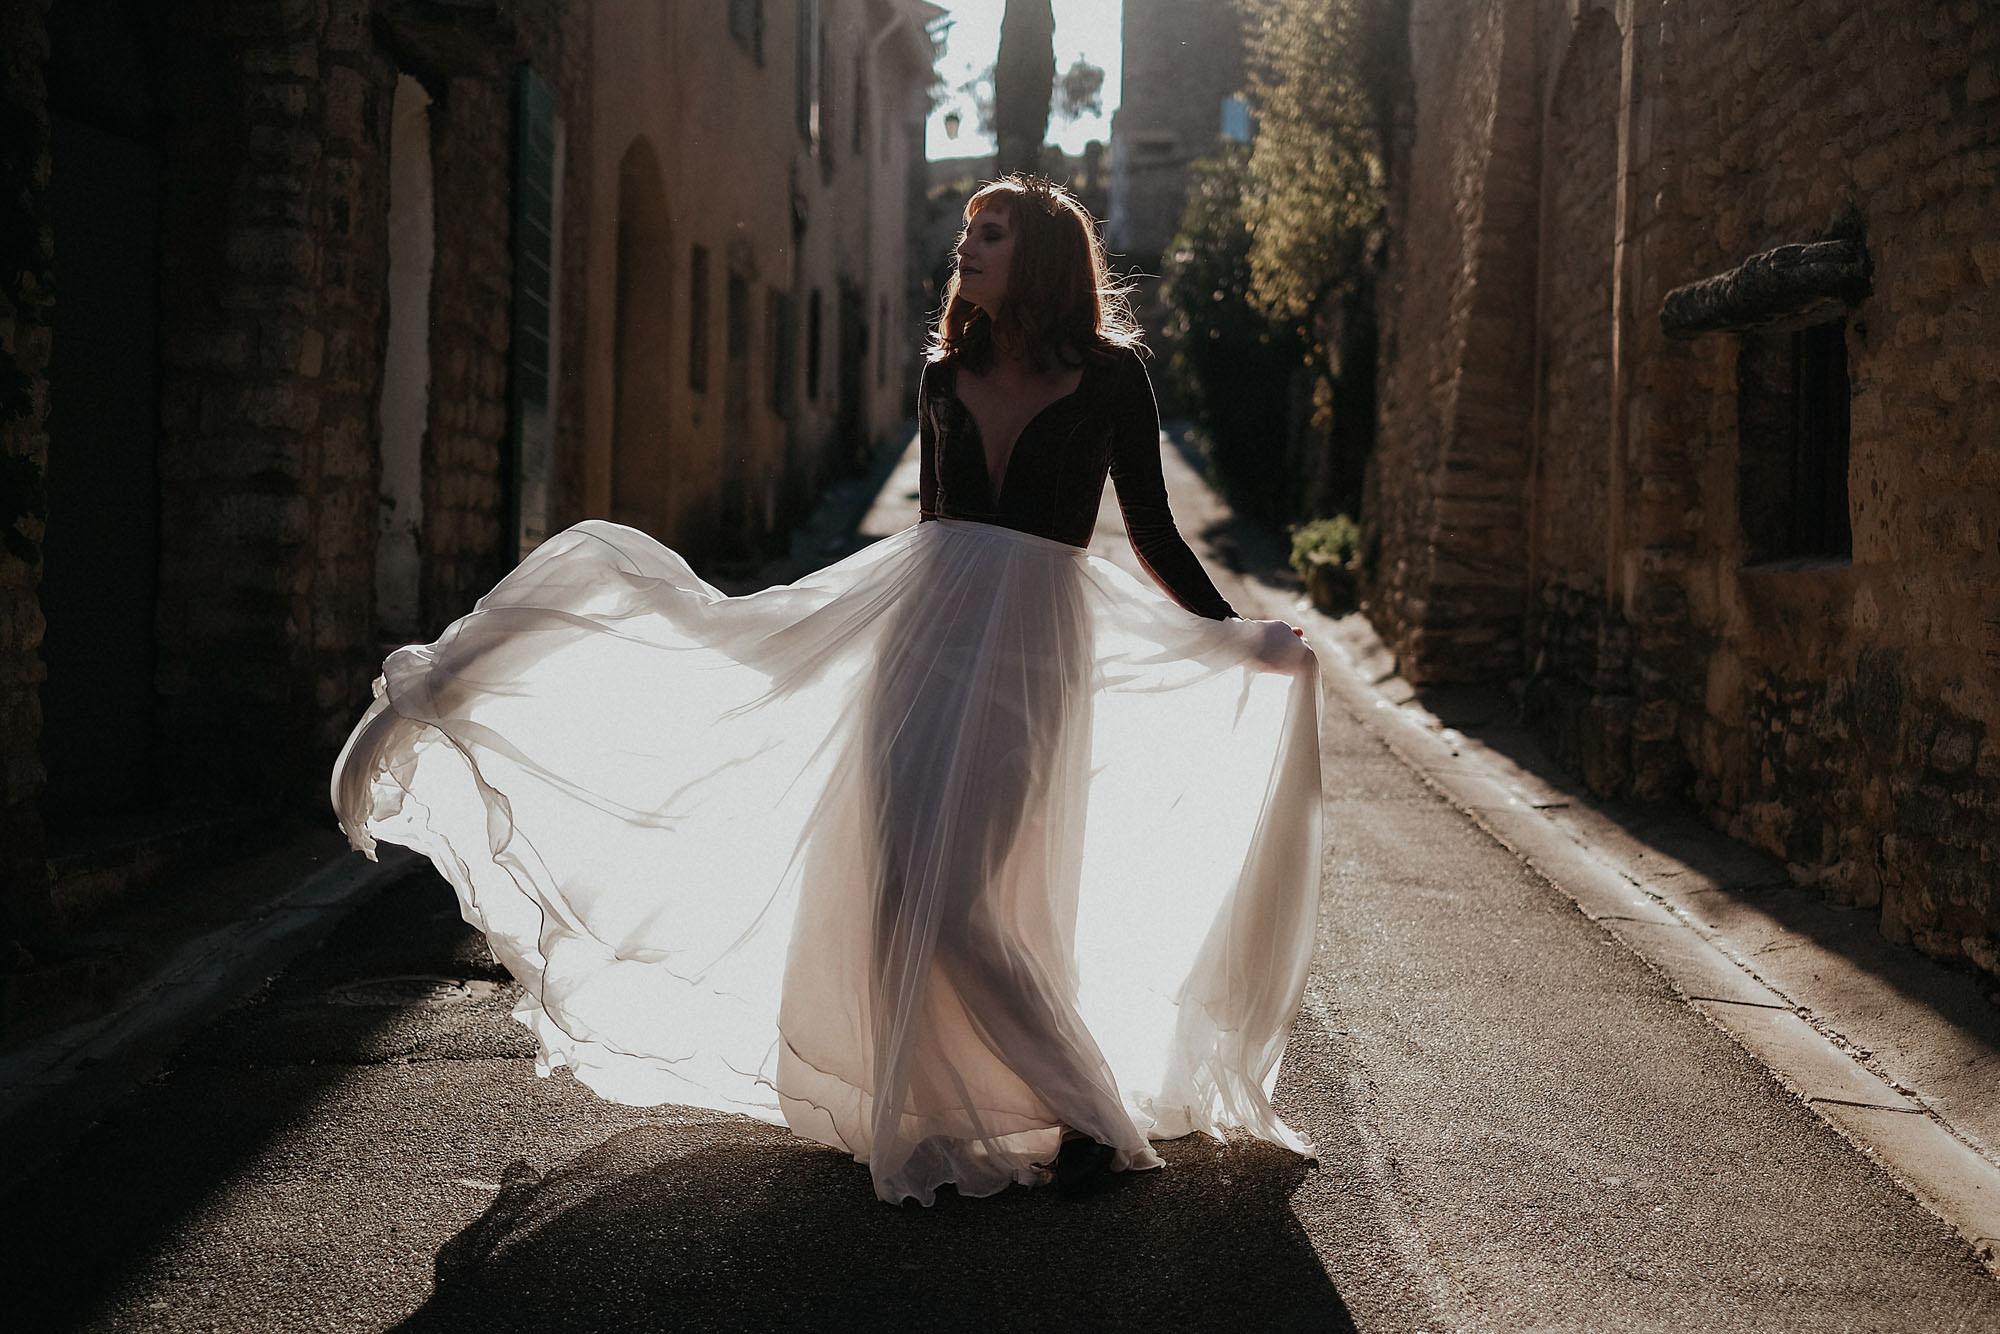 goult provence france elopement vow renewal bride photo